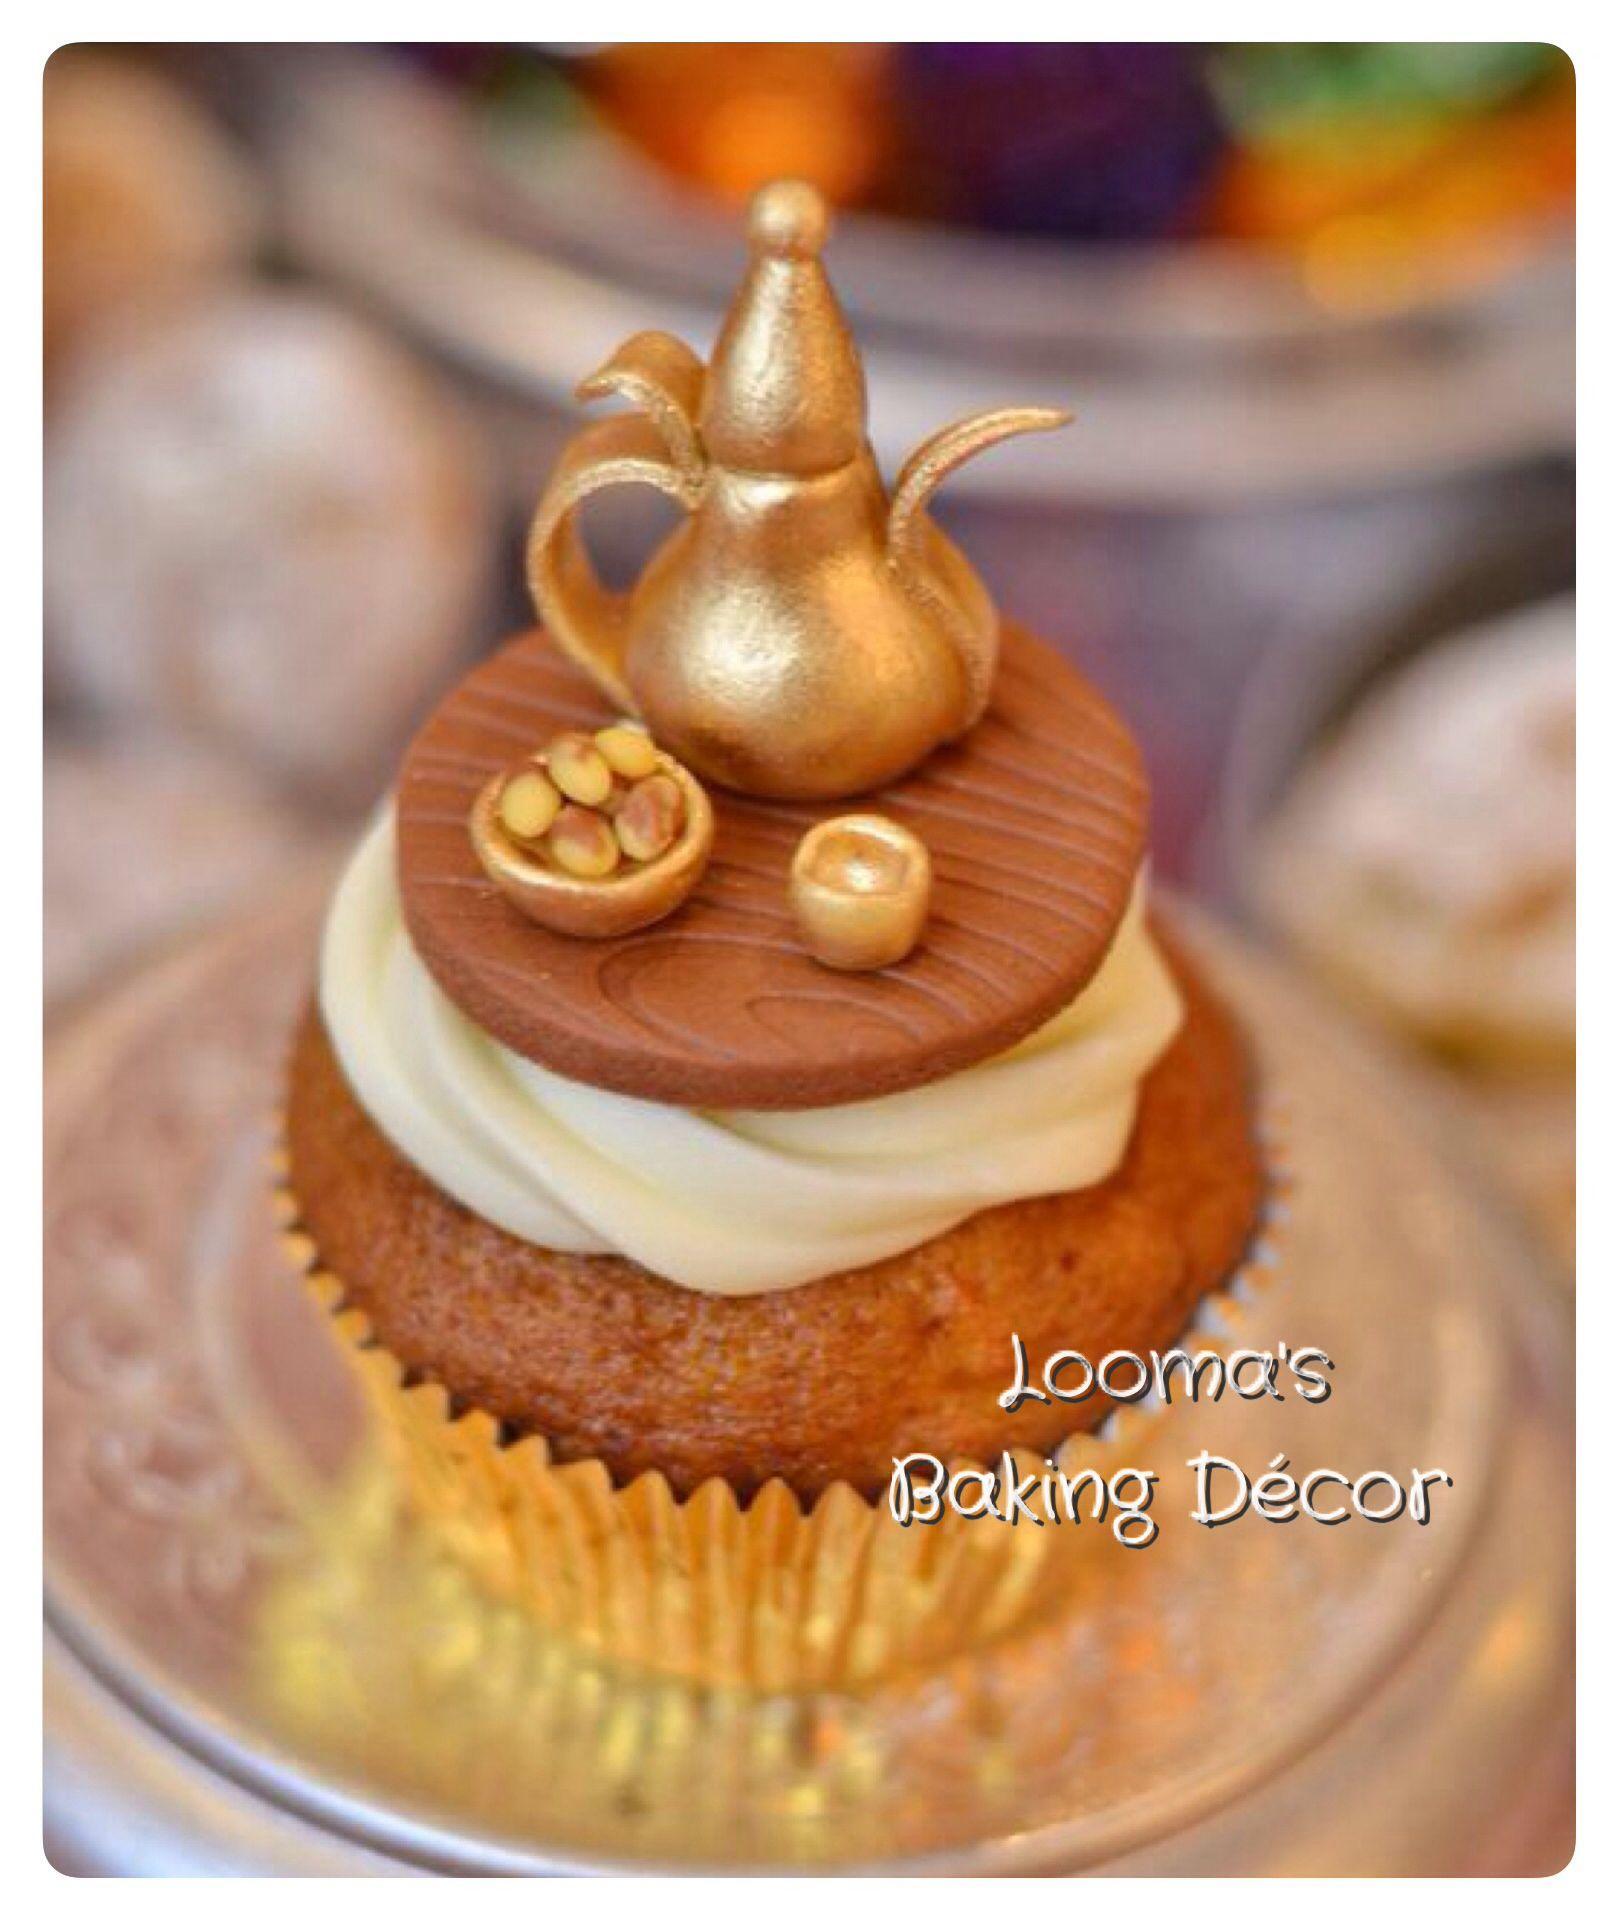 دلة القهوة العربية من مجموعتي ل كب كيك رمضان كب كيك القرقيعان Arabic Coffee Cupcake From My Ramadan Cupcake Collection Eid Cake Baking Let Them Eat Cake